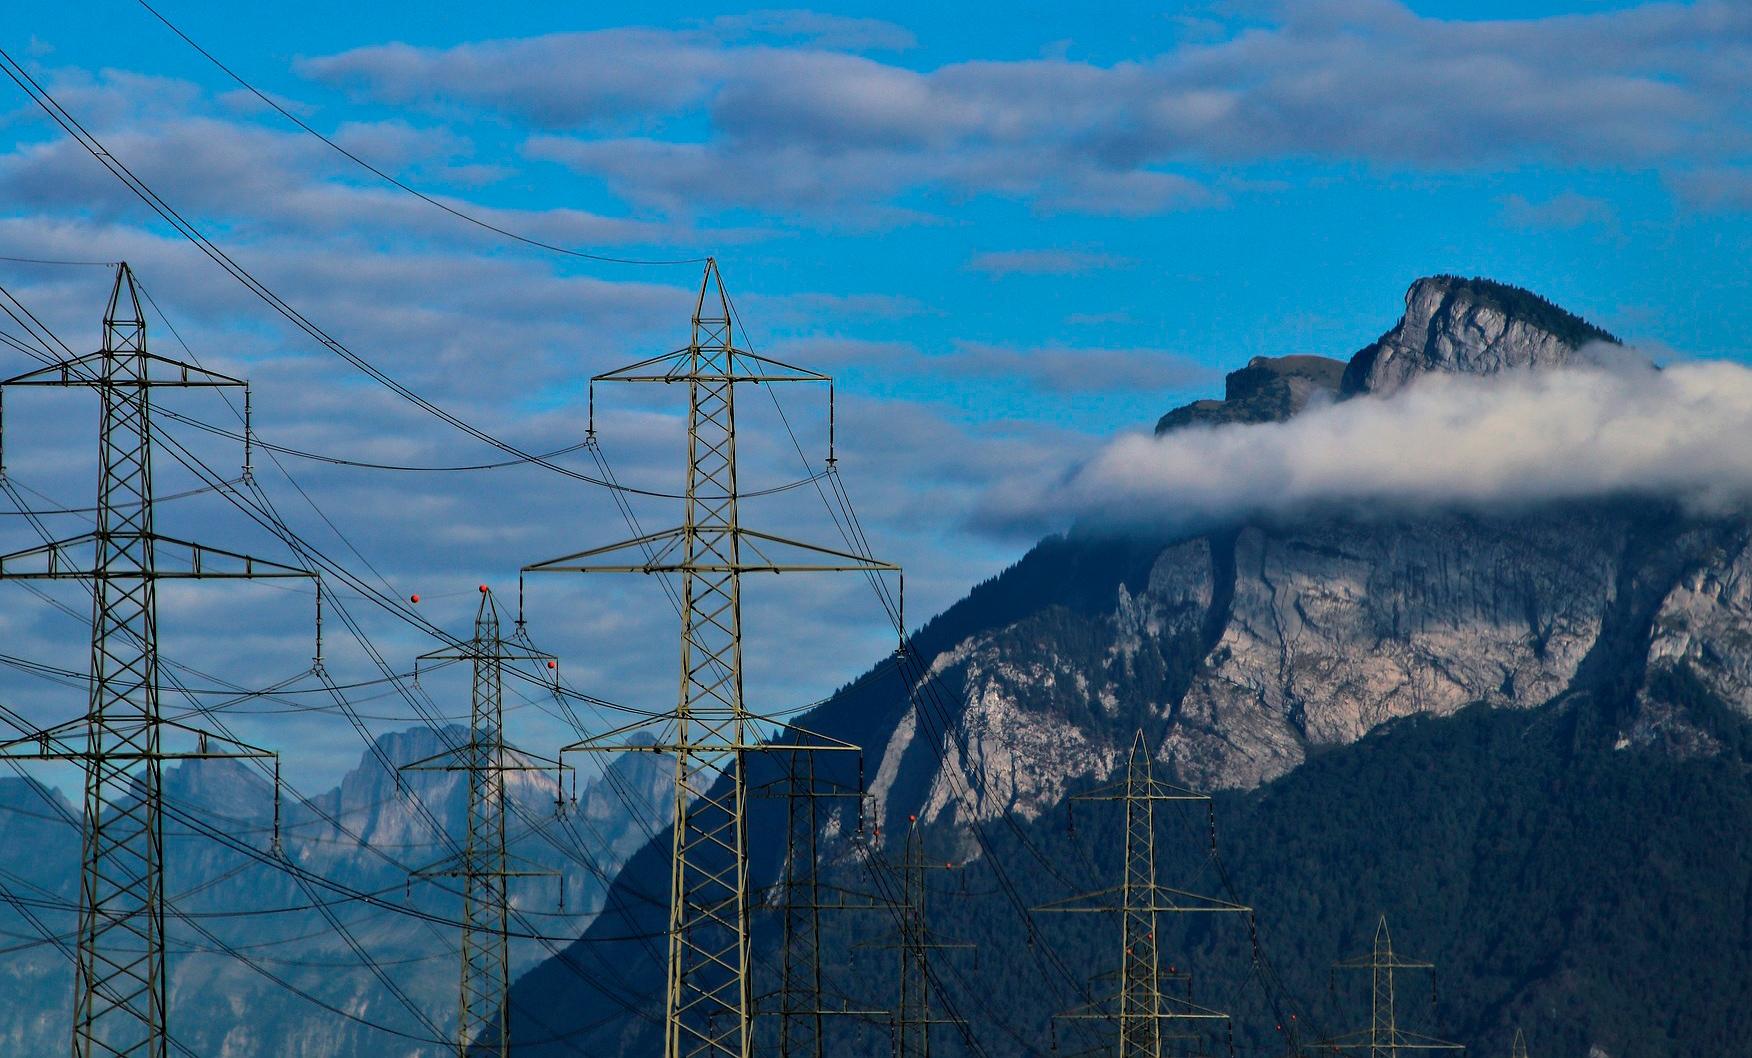 La electrificación, tendencia clave para el incremento del negocio en el sector.